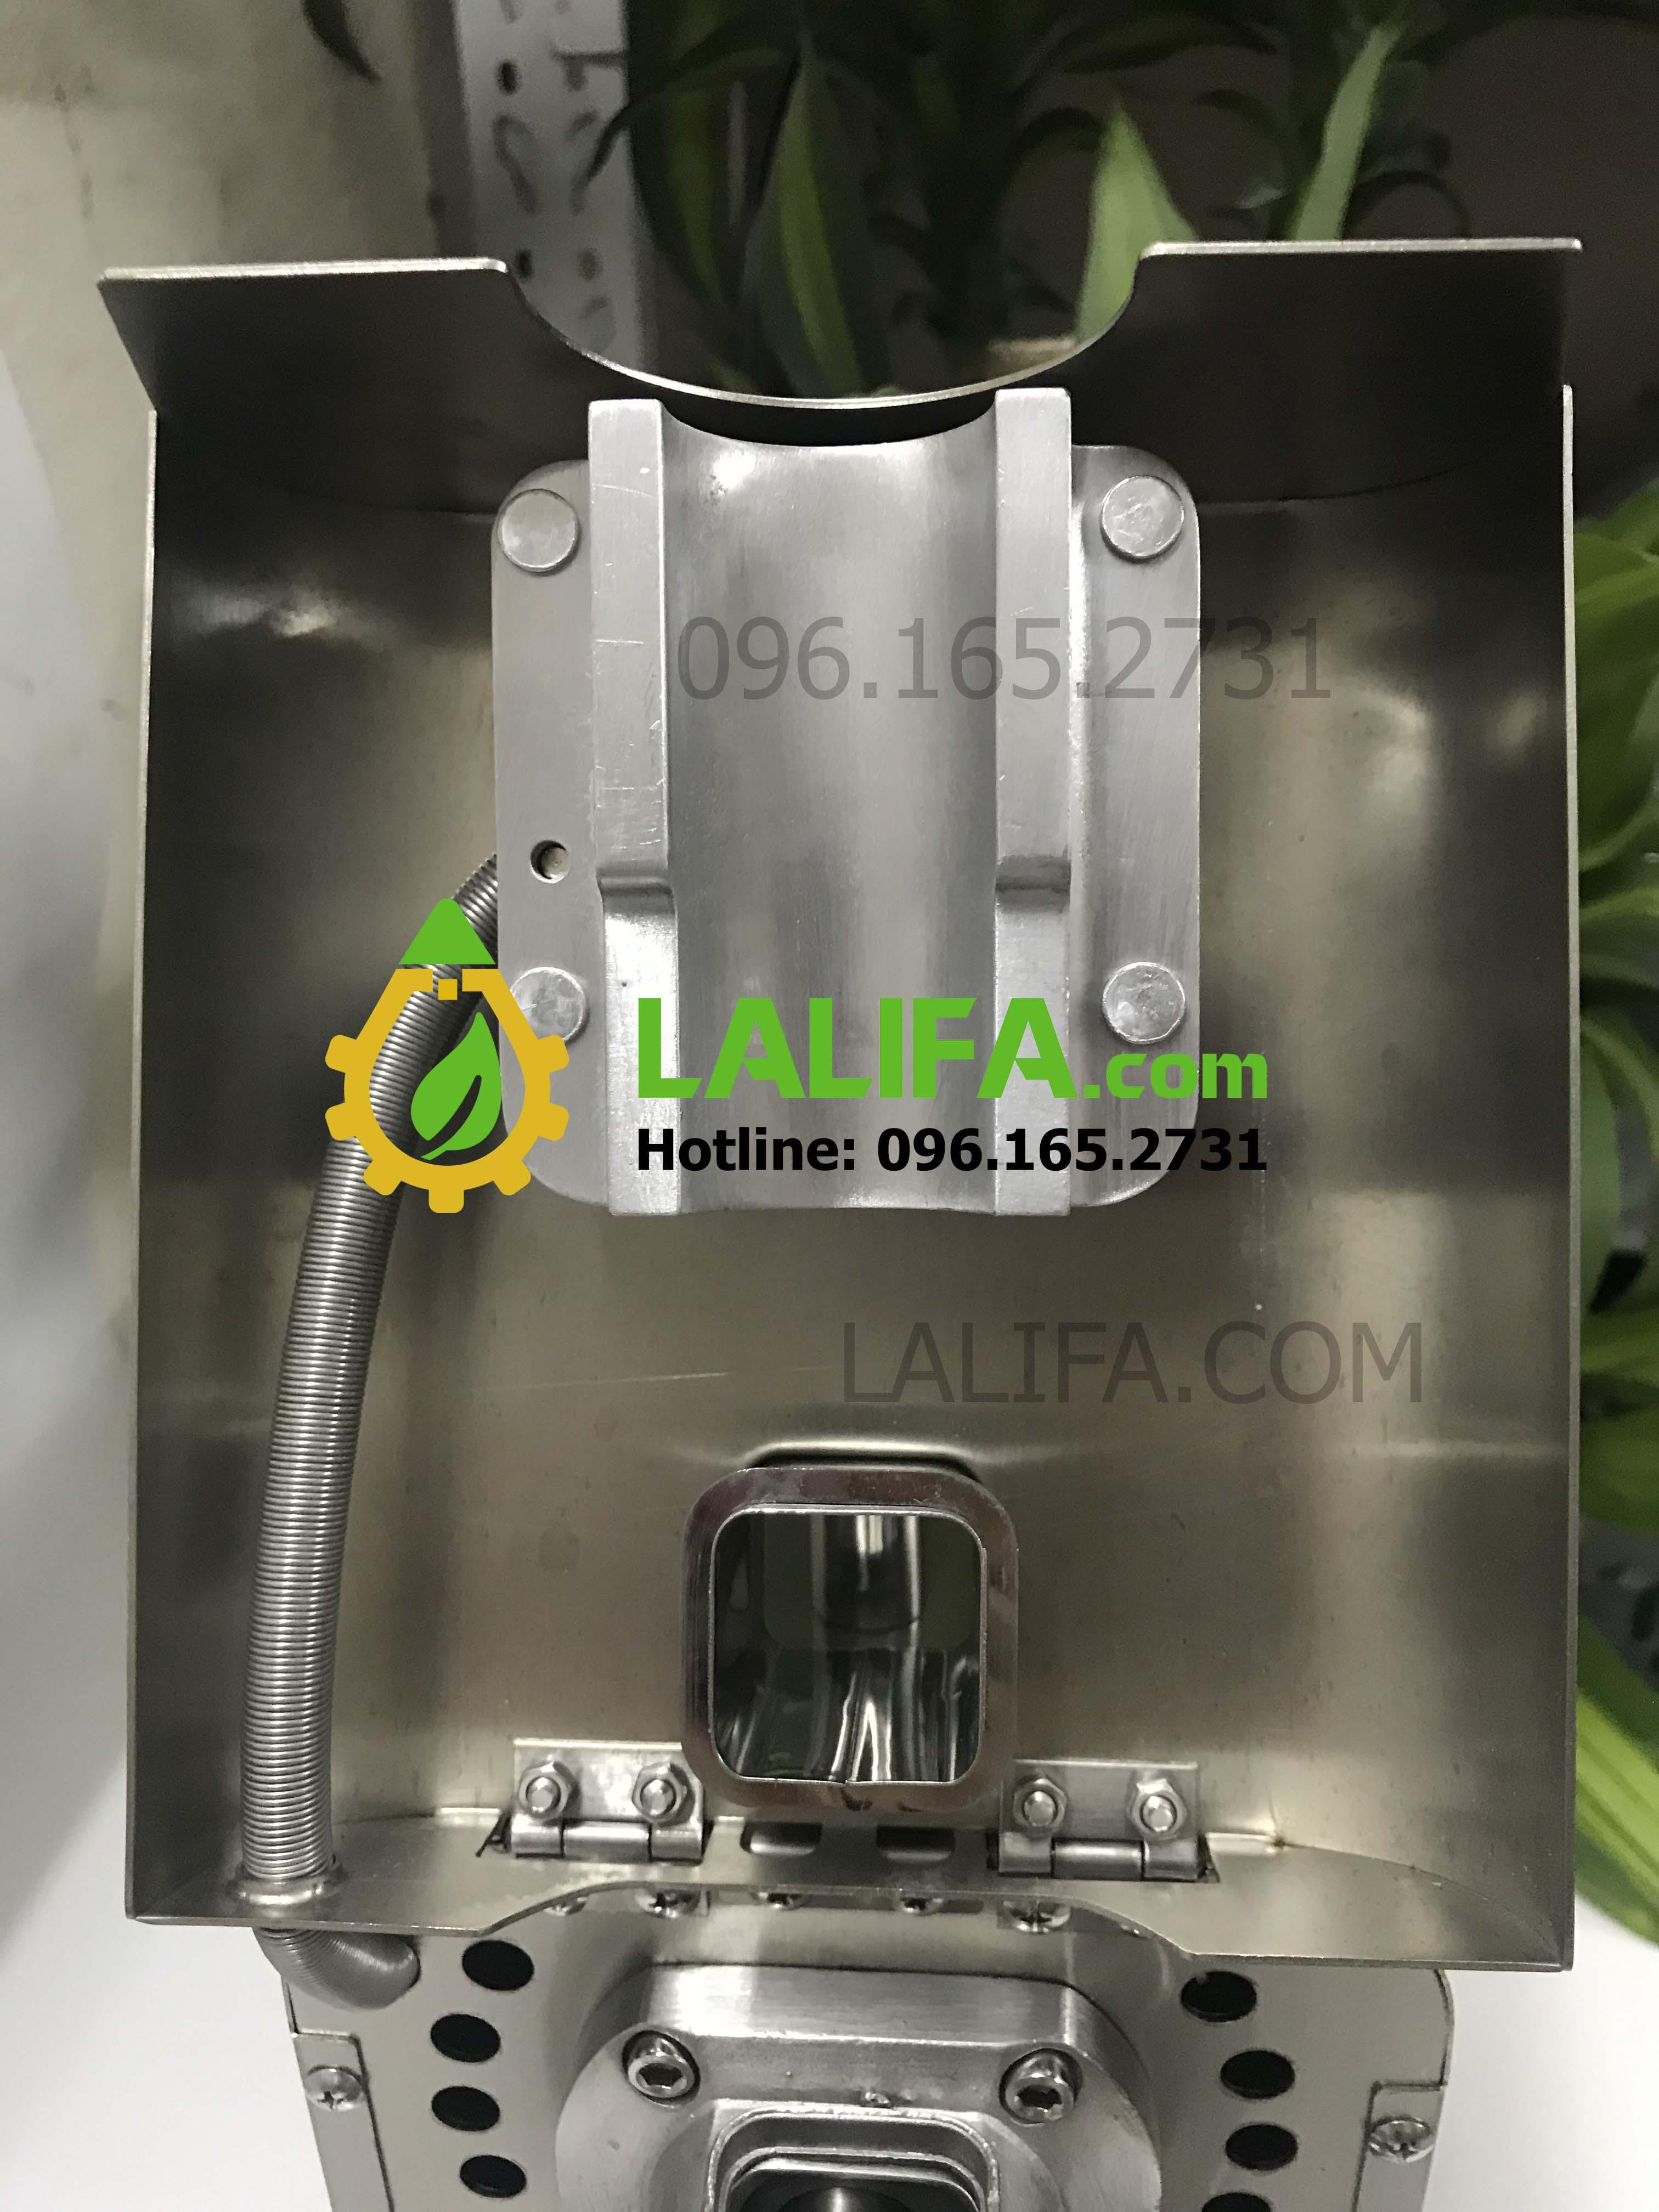 Máy ép dầu gia đình giá rẻ Lalifa8 - 14